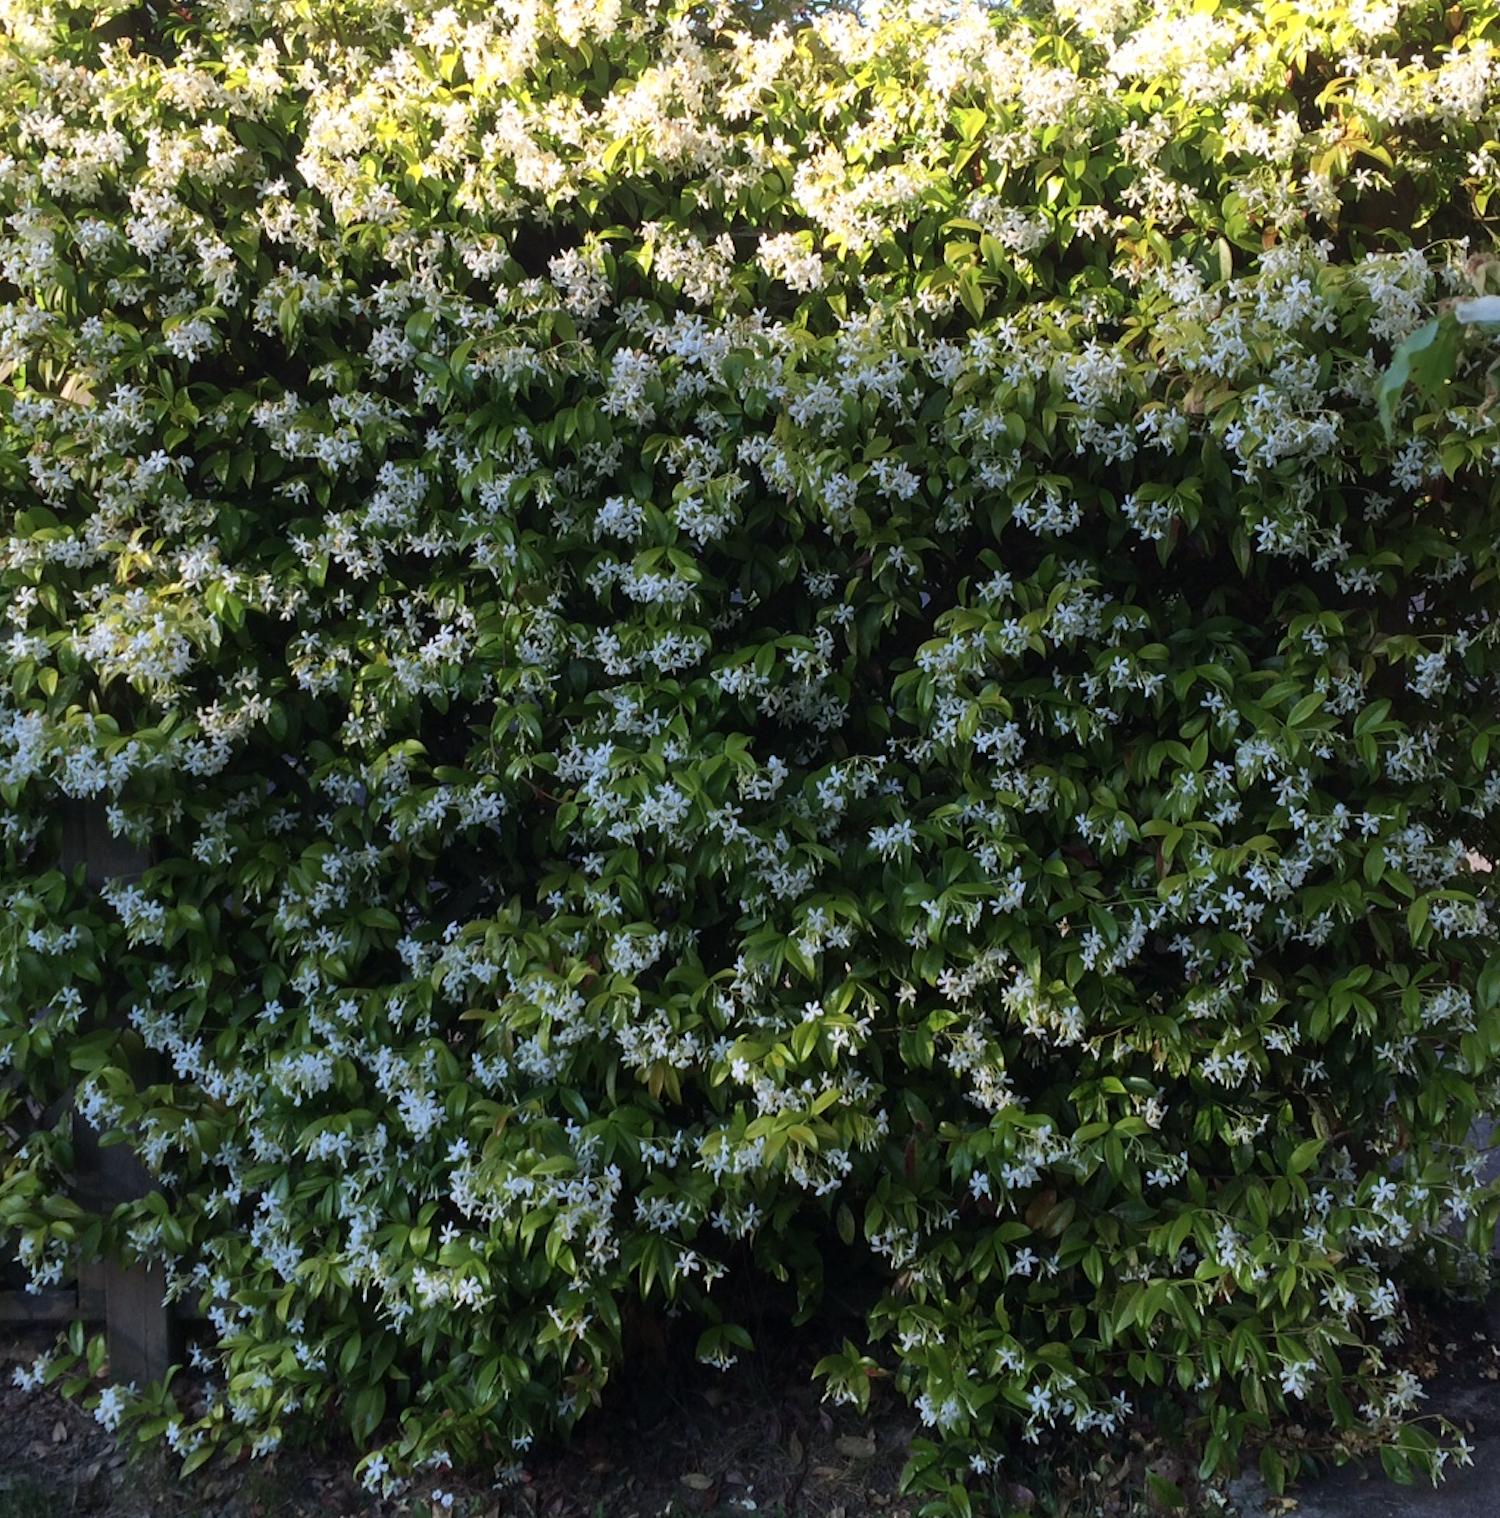 le jasmin étoilé est une plante grimpante persistante qui fleurit sur un treillage